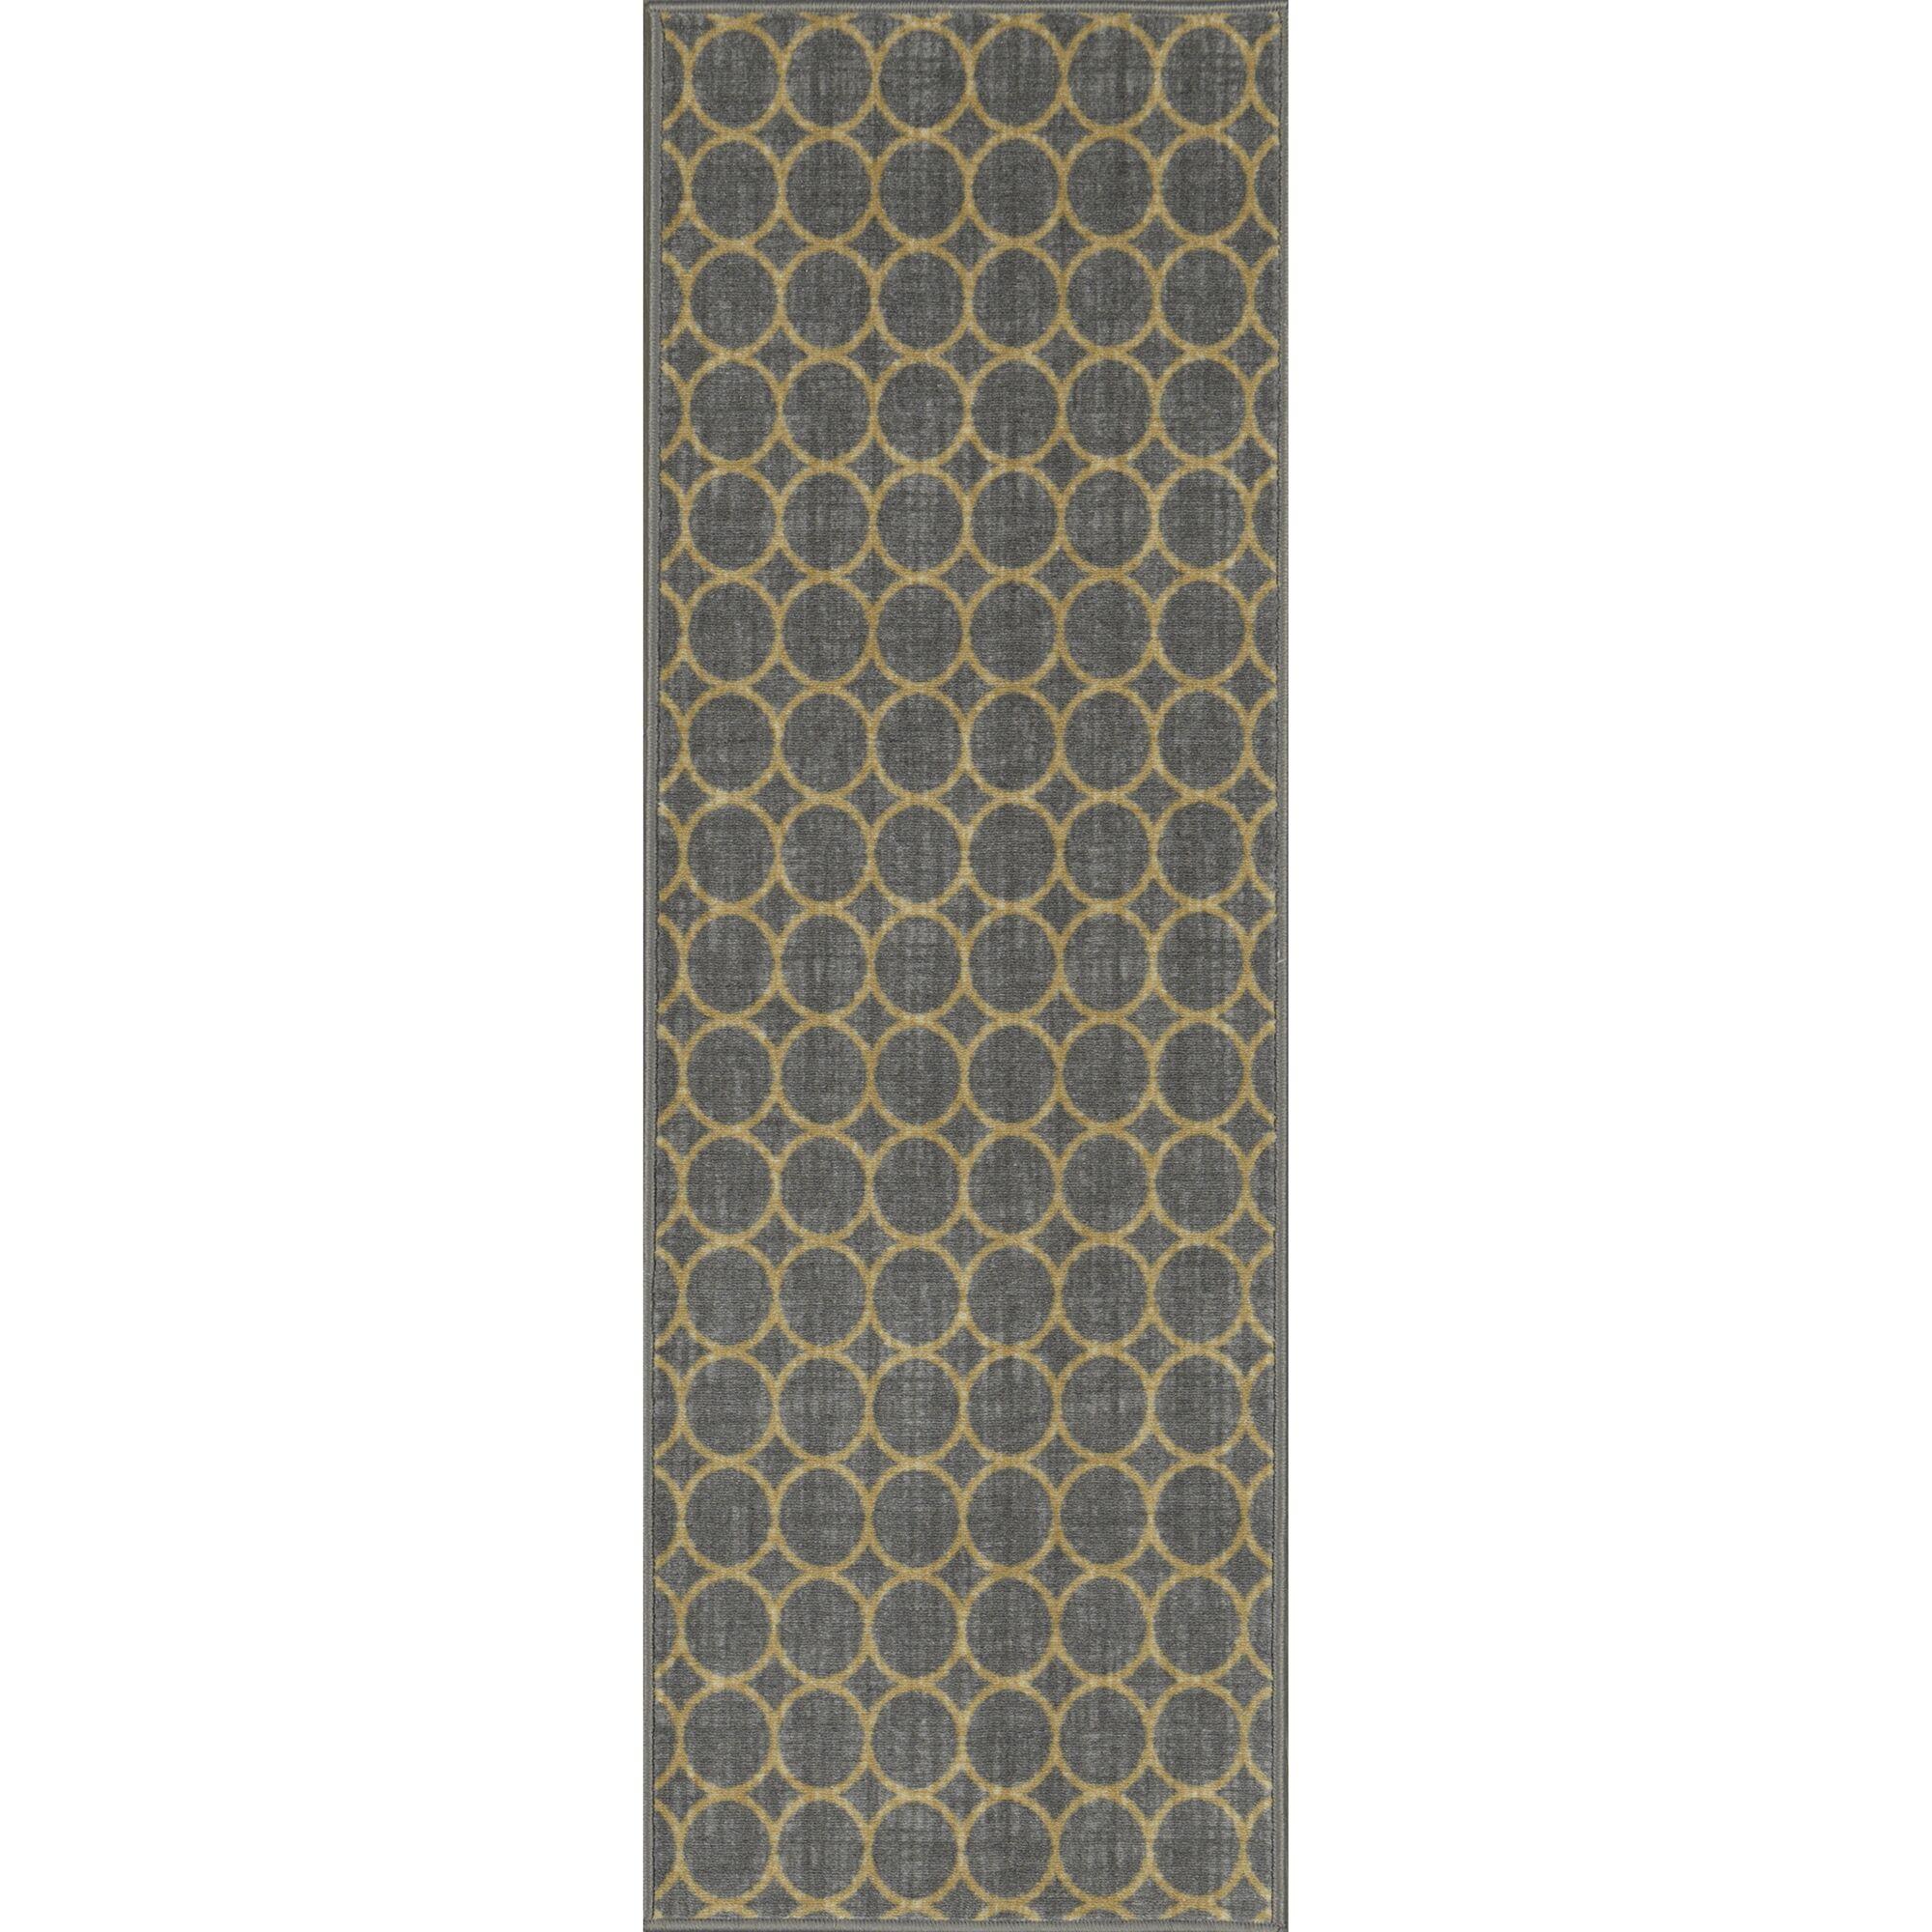 Vathylakas Circles Gray Area Rug Rug Size: 5' x 6'